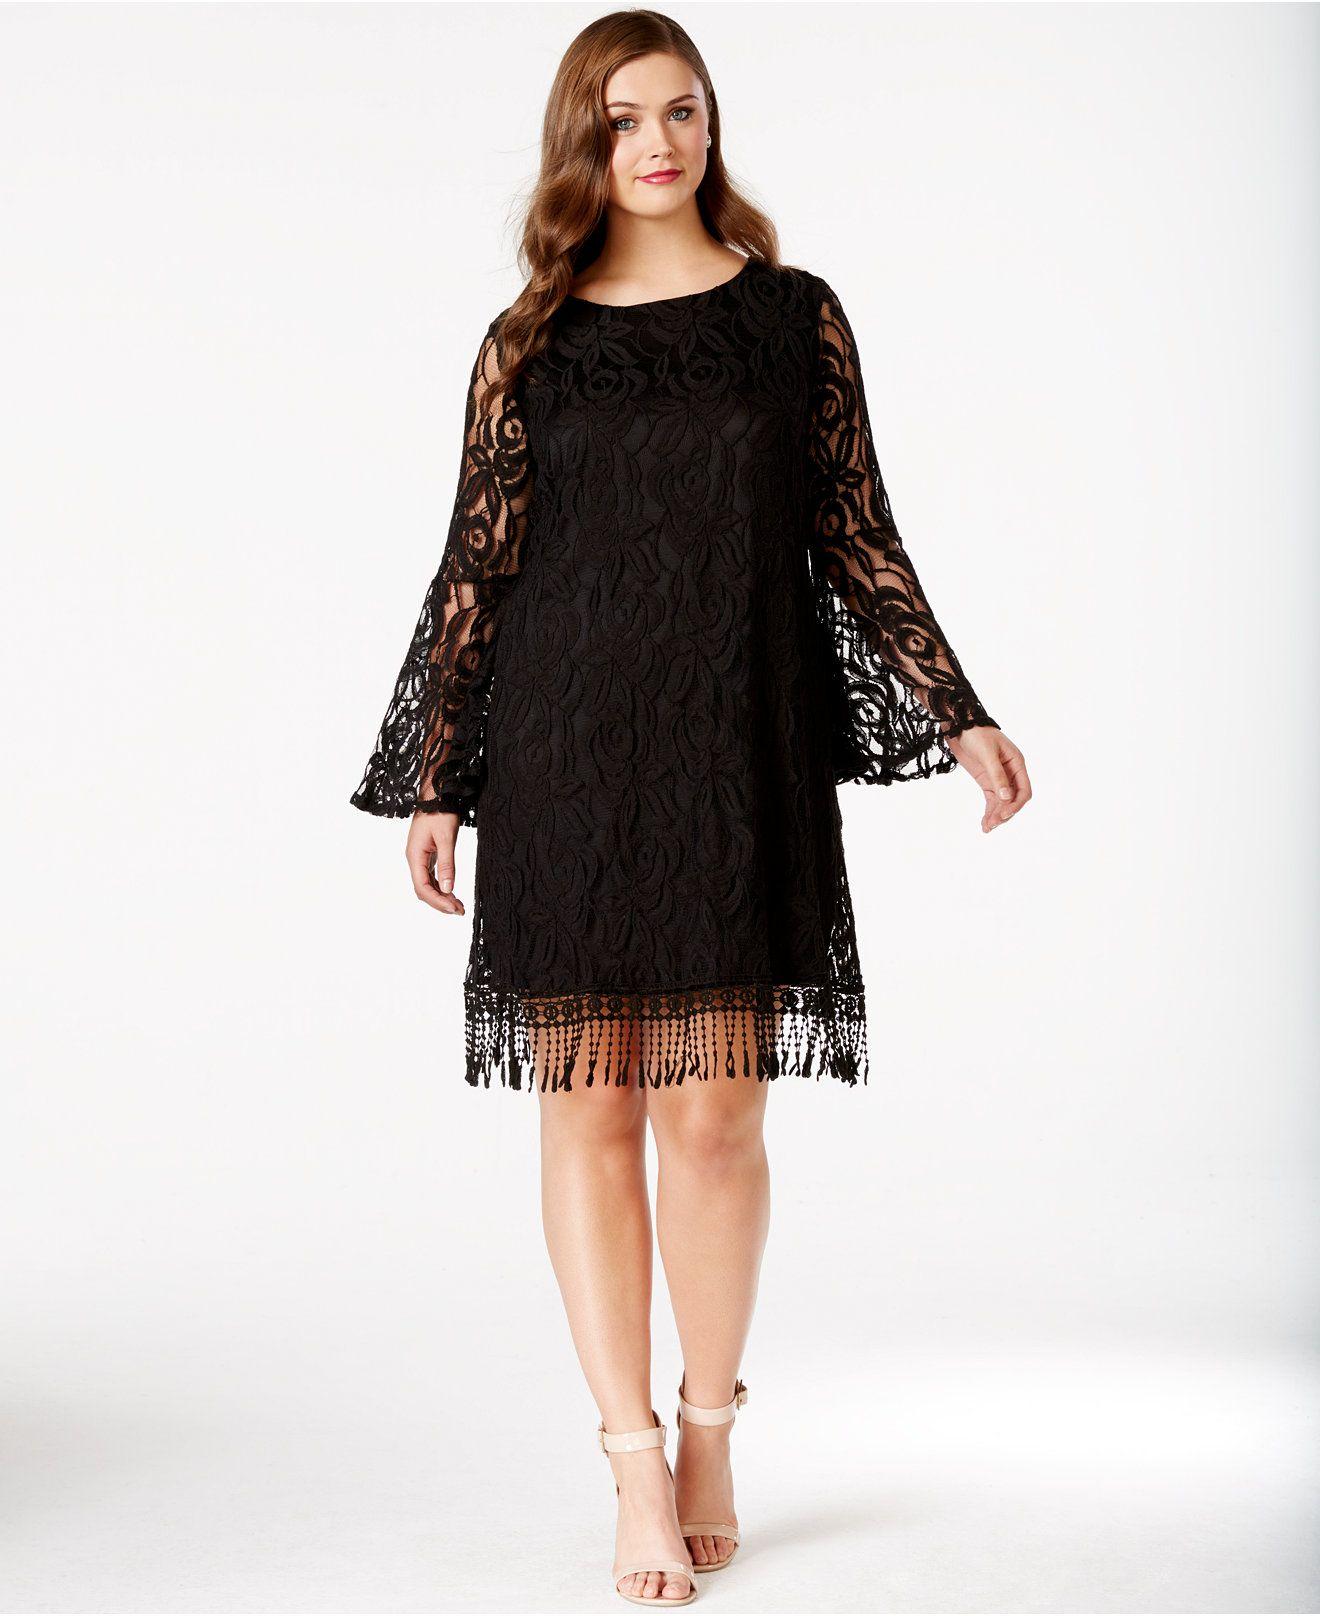 Fashion week Dress fringe h for lady